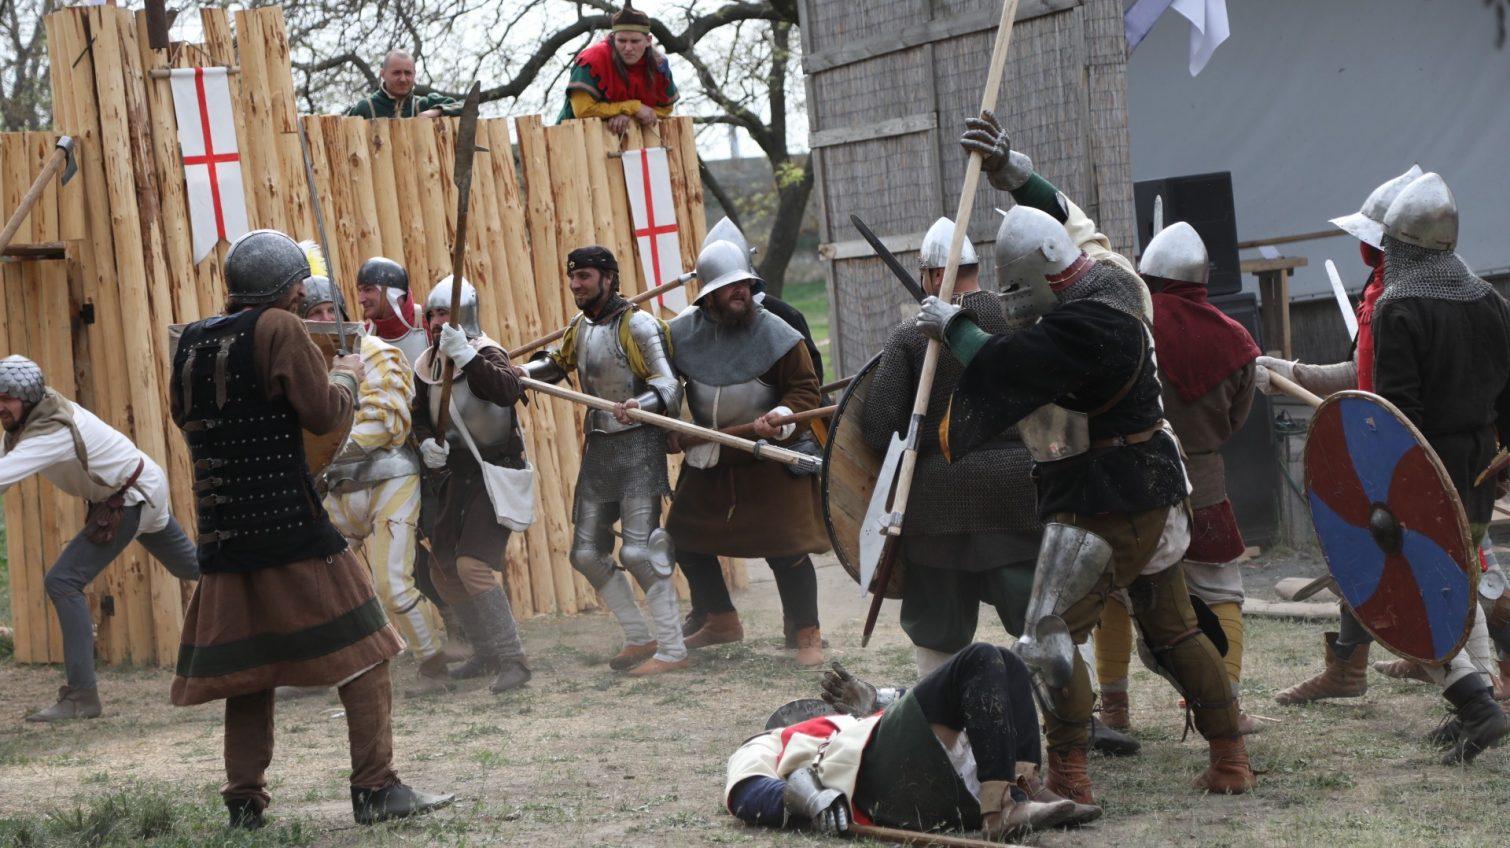 Аккерманскую крепость с артиллерией и мечами «штурмовали» рыцари (фоторепортаж) «фото»